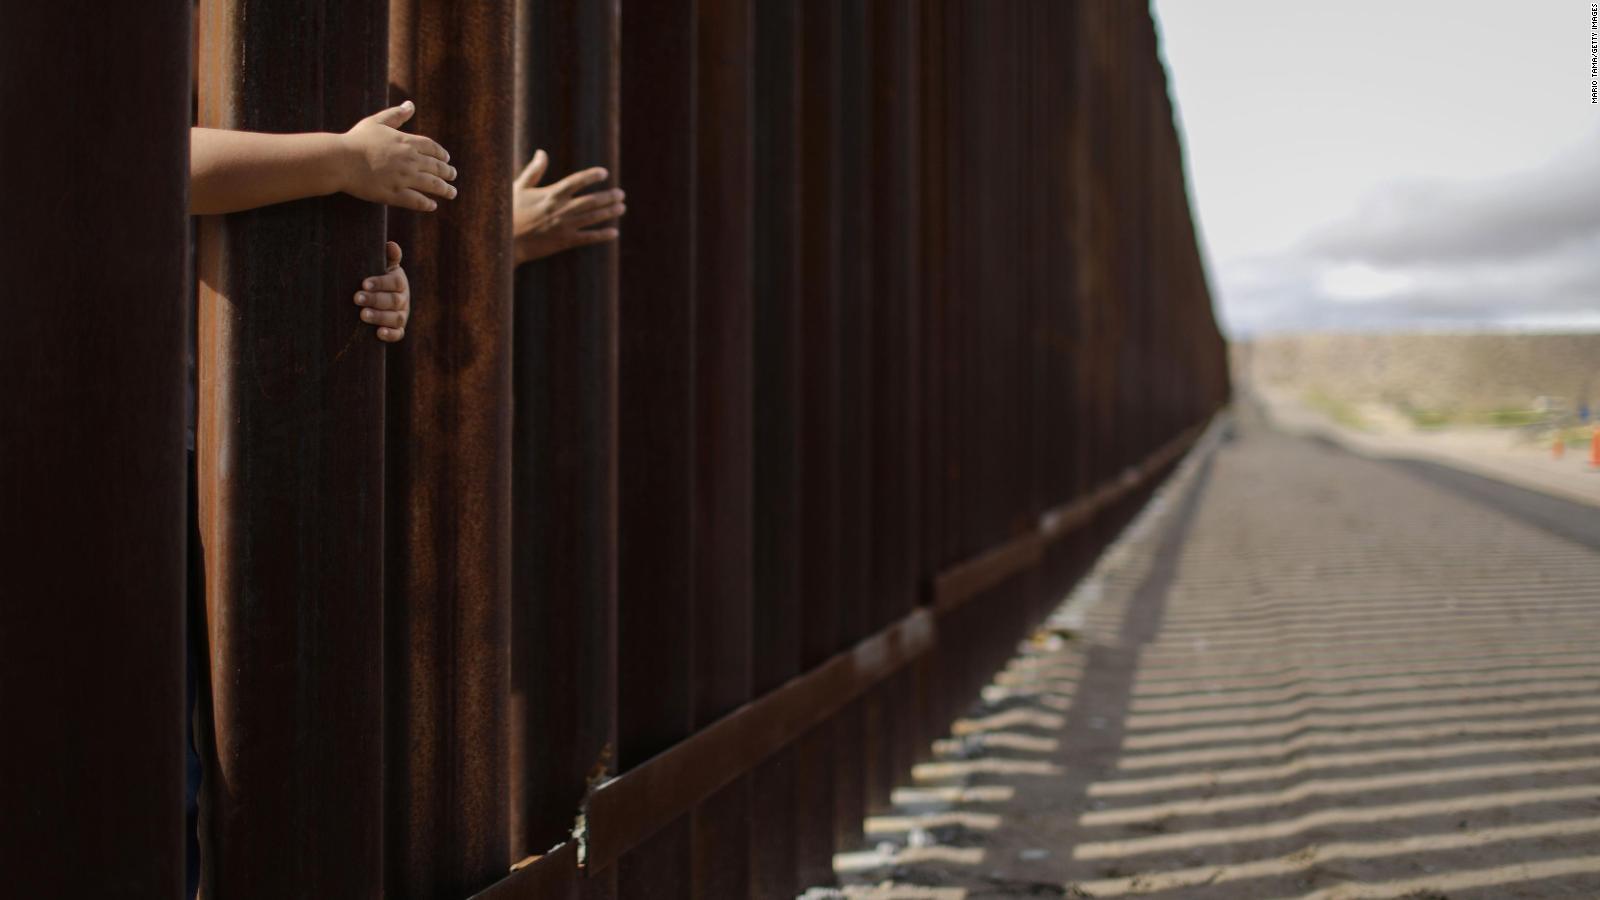 Con más de 3.000 kilometros, separando EEUU y México, miles cruzan la frontera en busca de un sueño